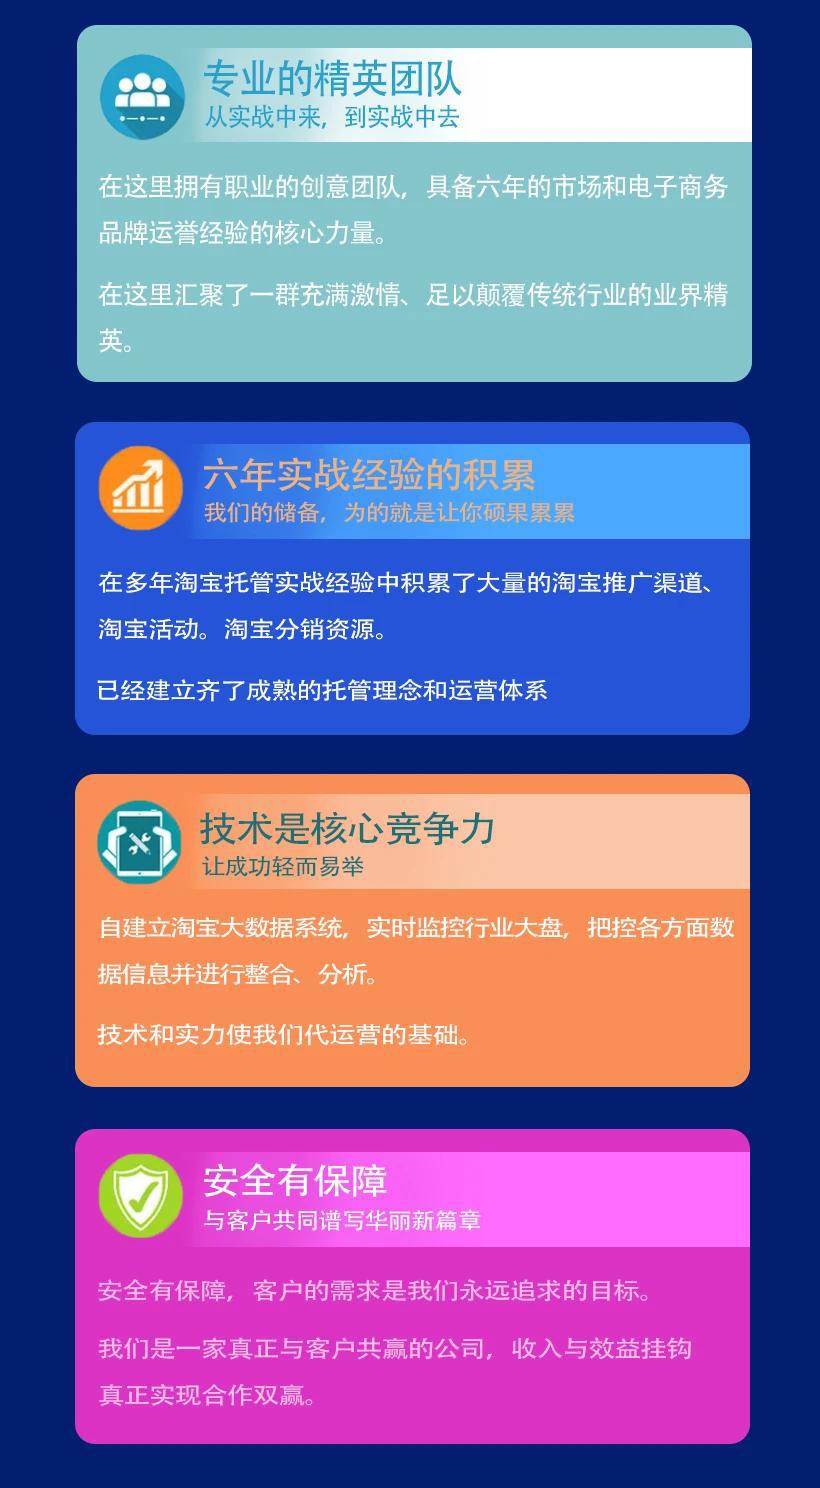 亦米阳光电商教育南宫2020拼多多直通车定向玩法做爆款4